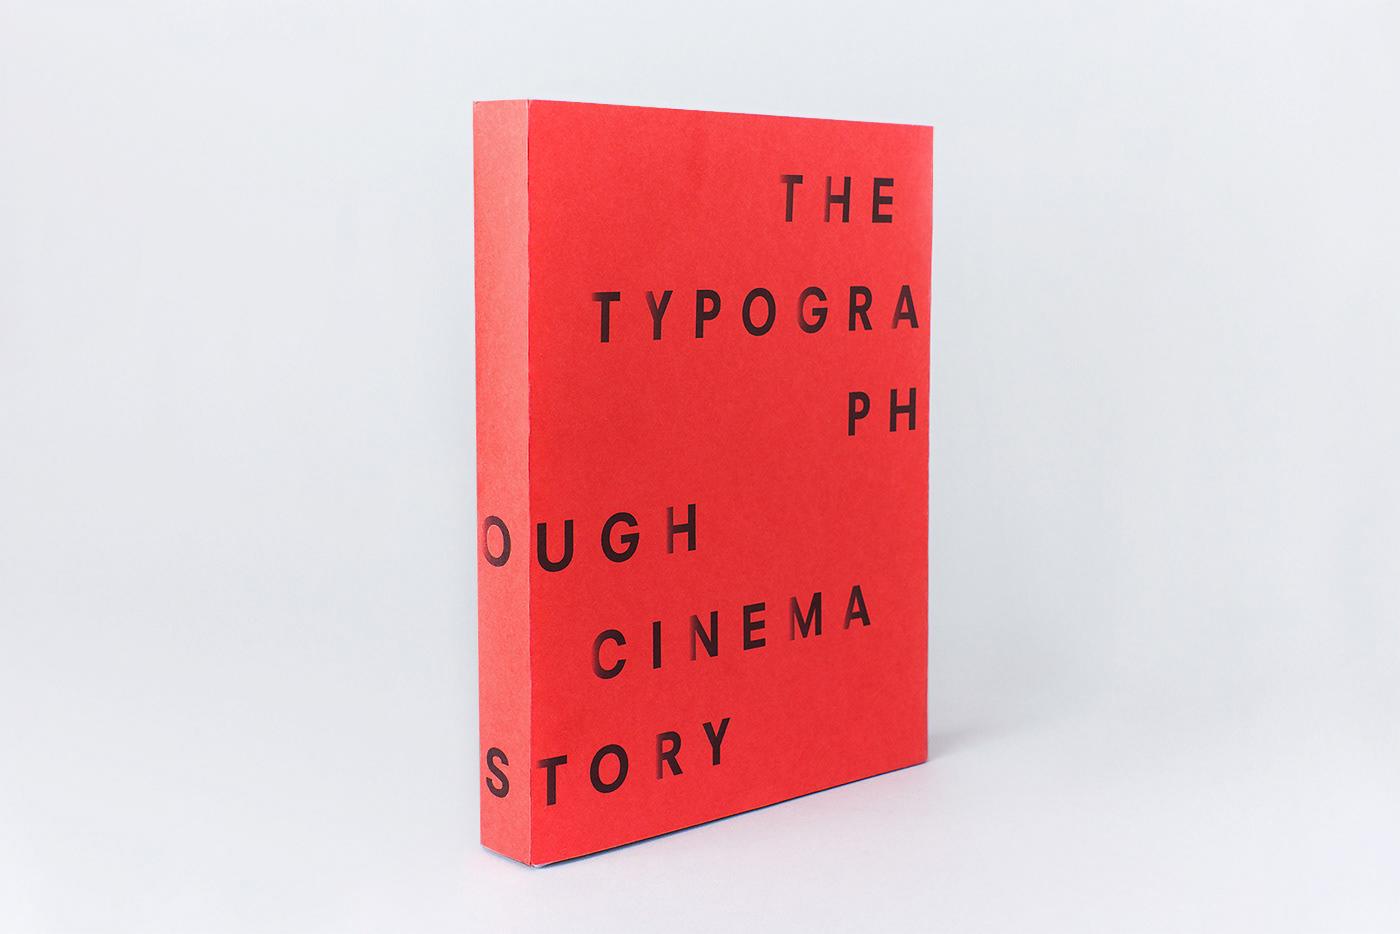 精細的27張文字排版設計欣賞